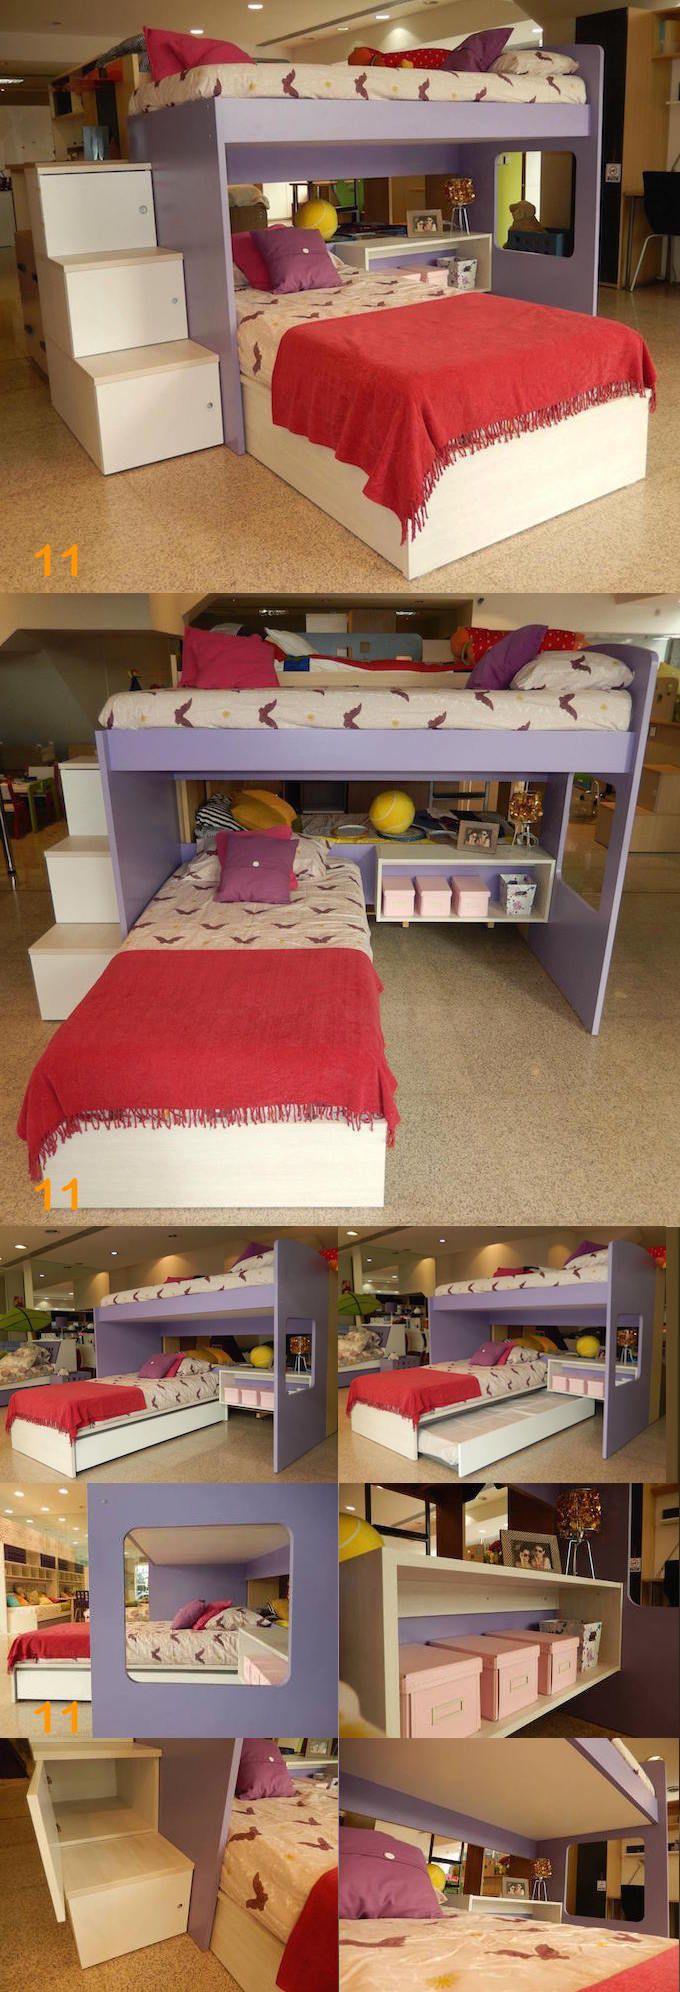 M s de 25 ideas incre bles sobre camas marineras en - Habitaciones infantiles marineras ...